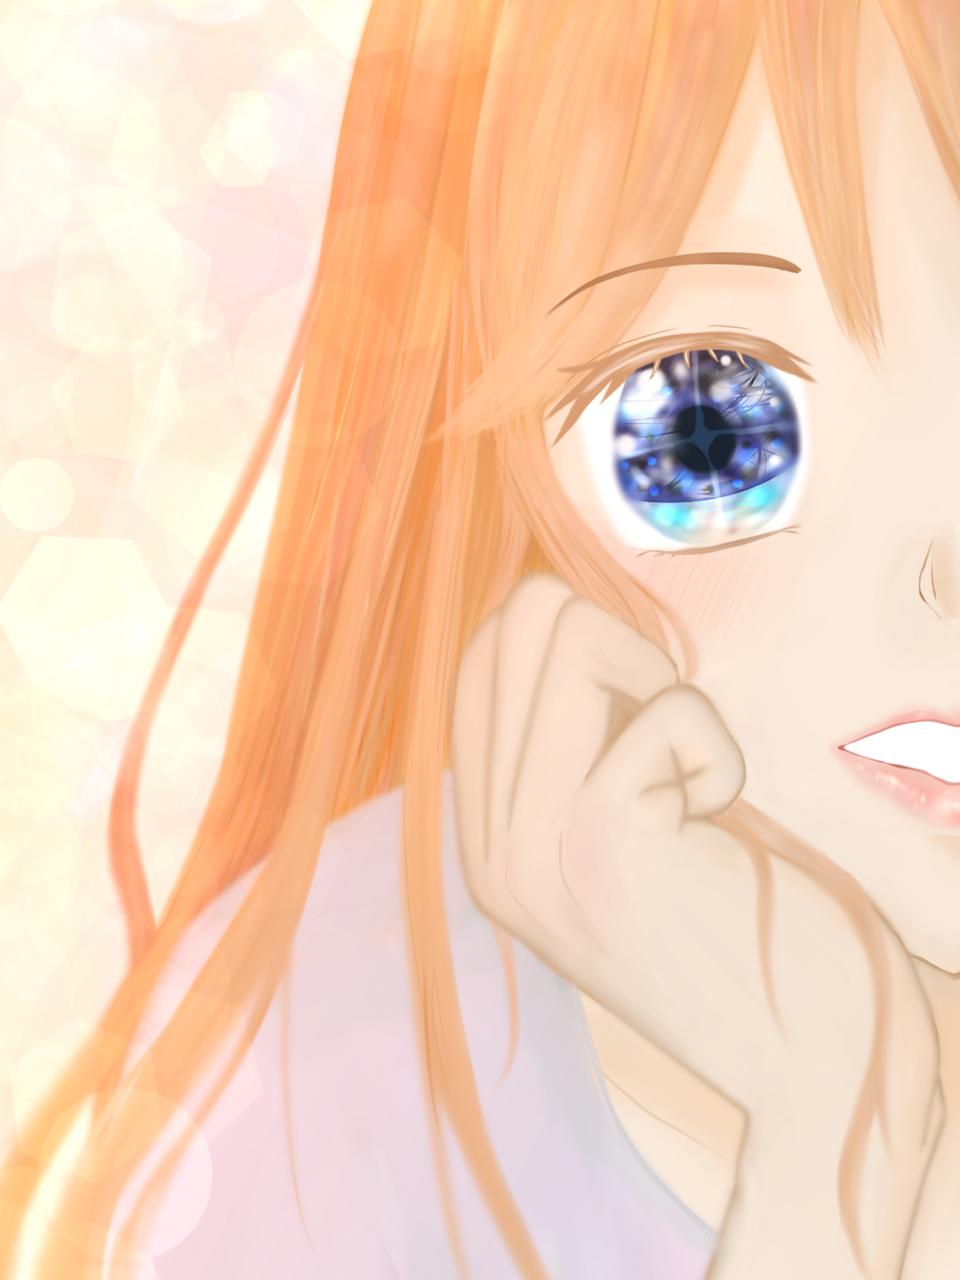 瞳の先は煌めく世界 Illust of chiwo January2021_Contest:OC pastel girl イラスト好きな人と繋がりたい ロングヘアー oc 輝く 頬杖